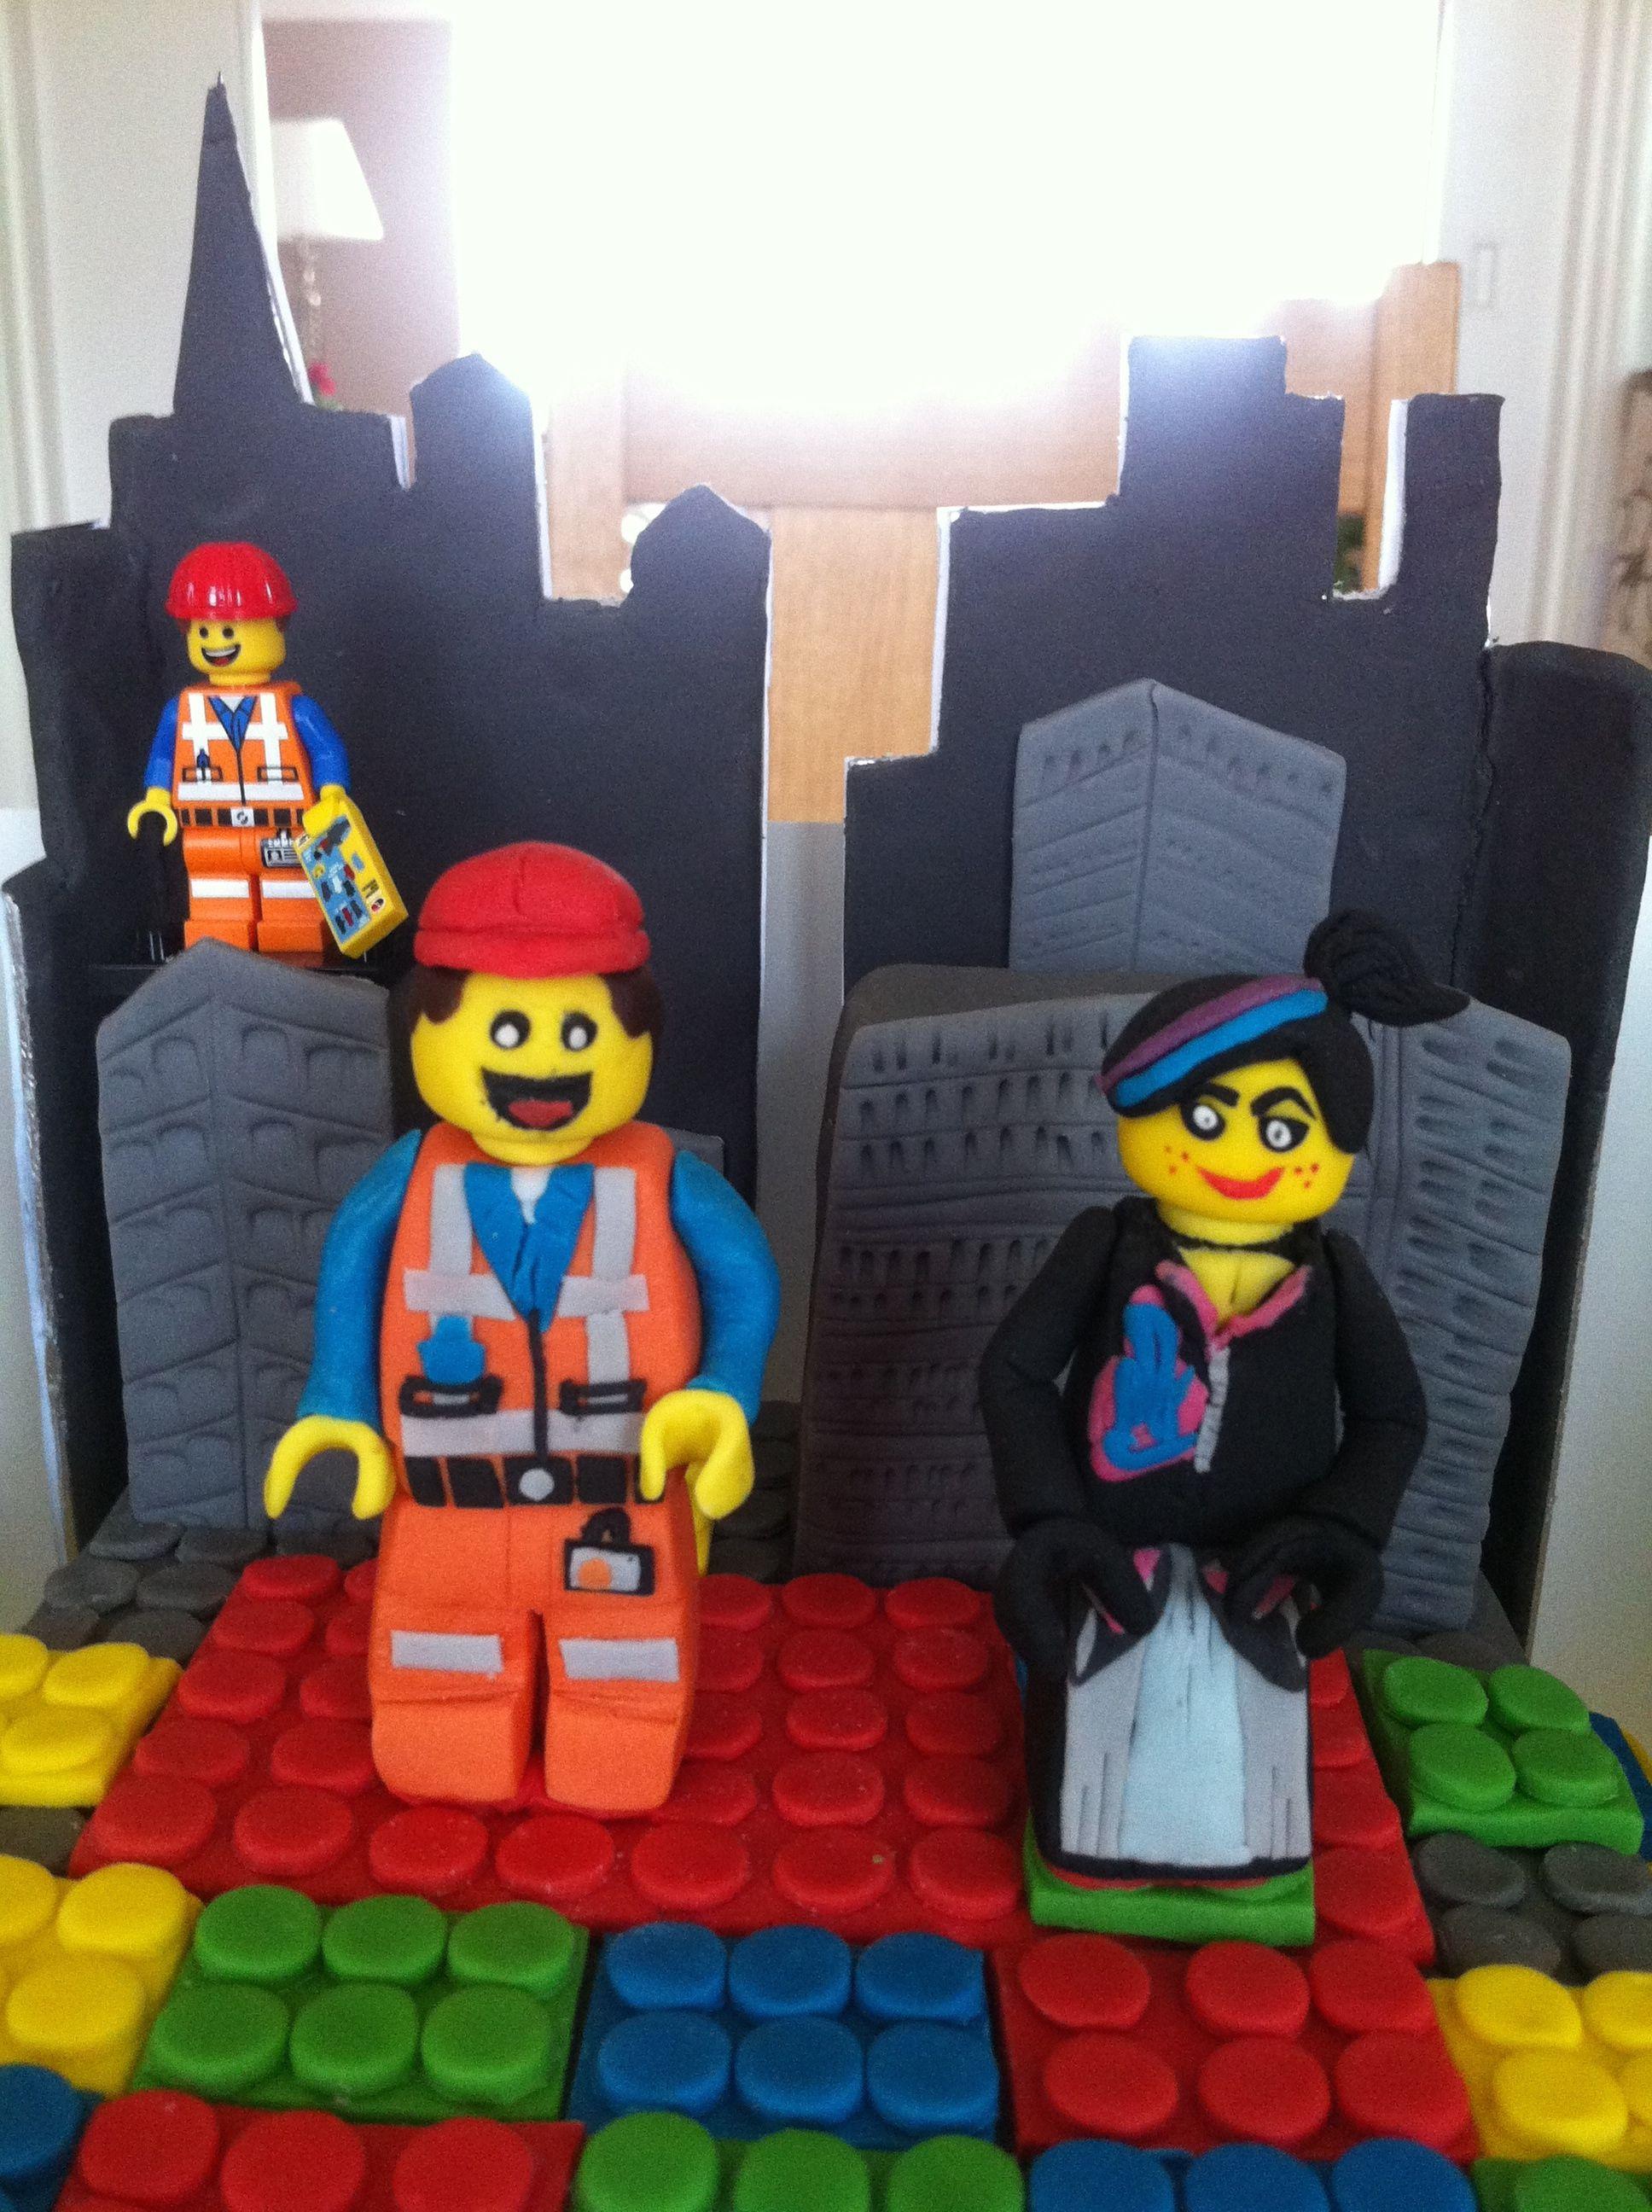 Fondant Emmet and Wyldstyle LEGO The Movie CAKE - Aug 2014